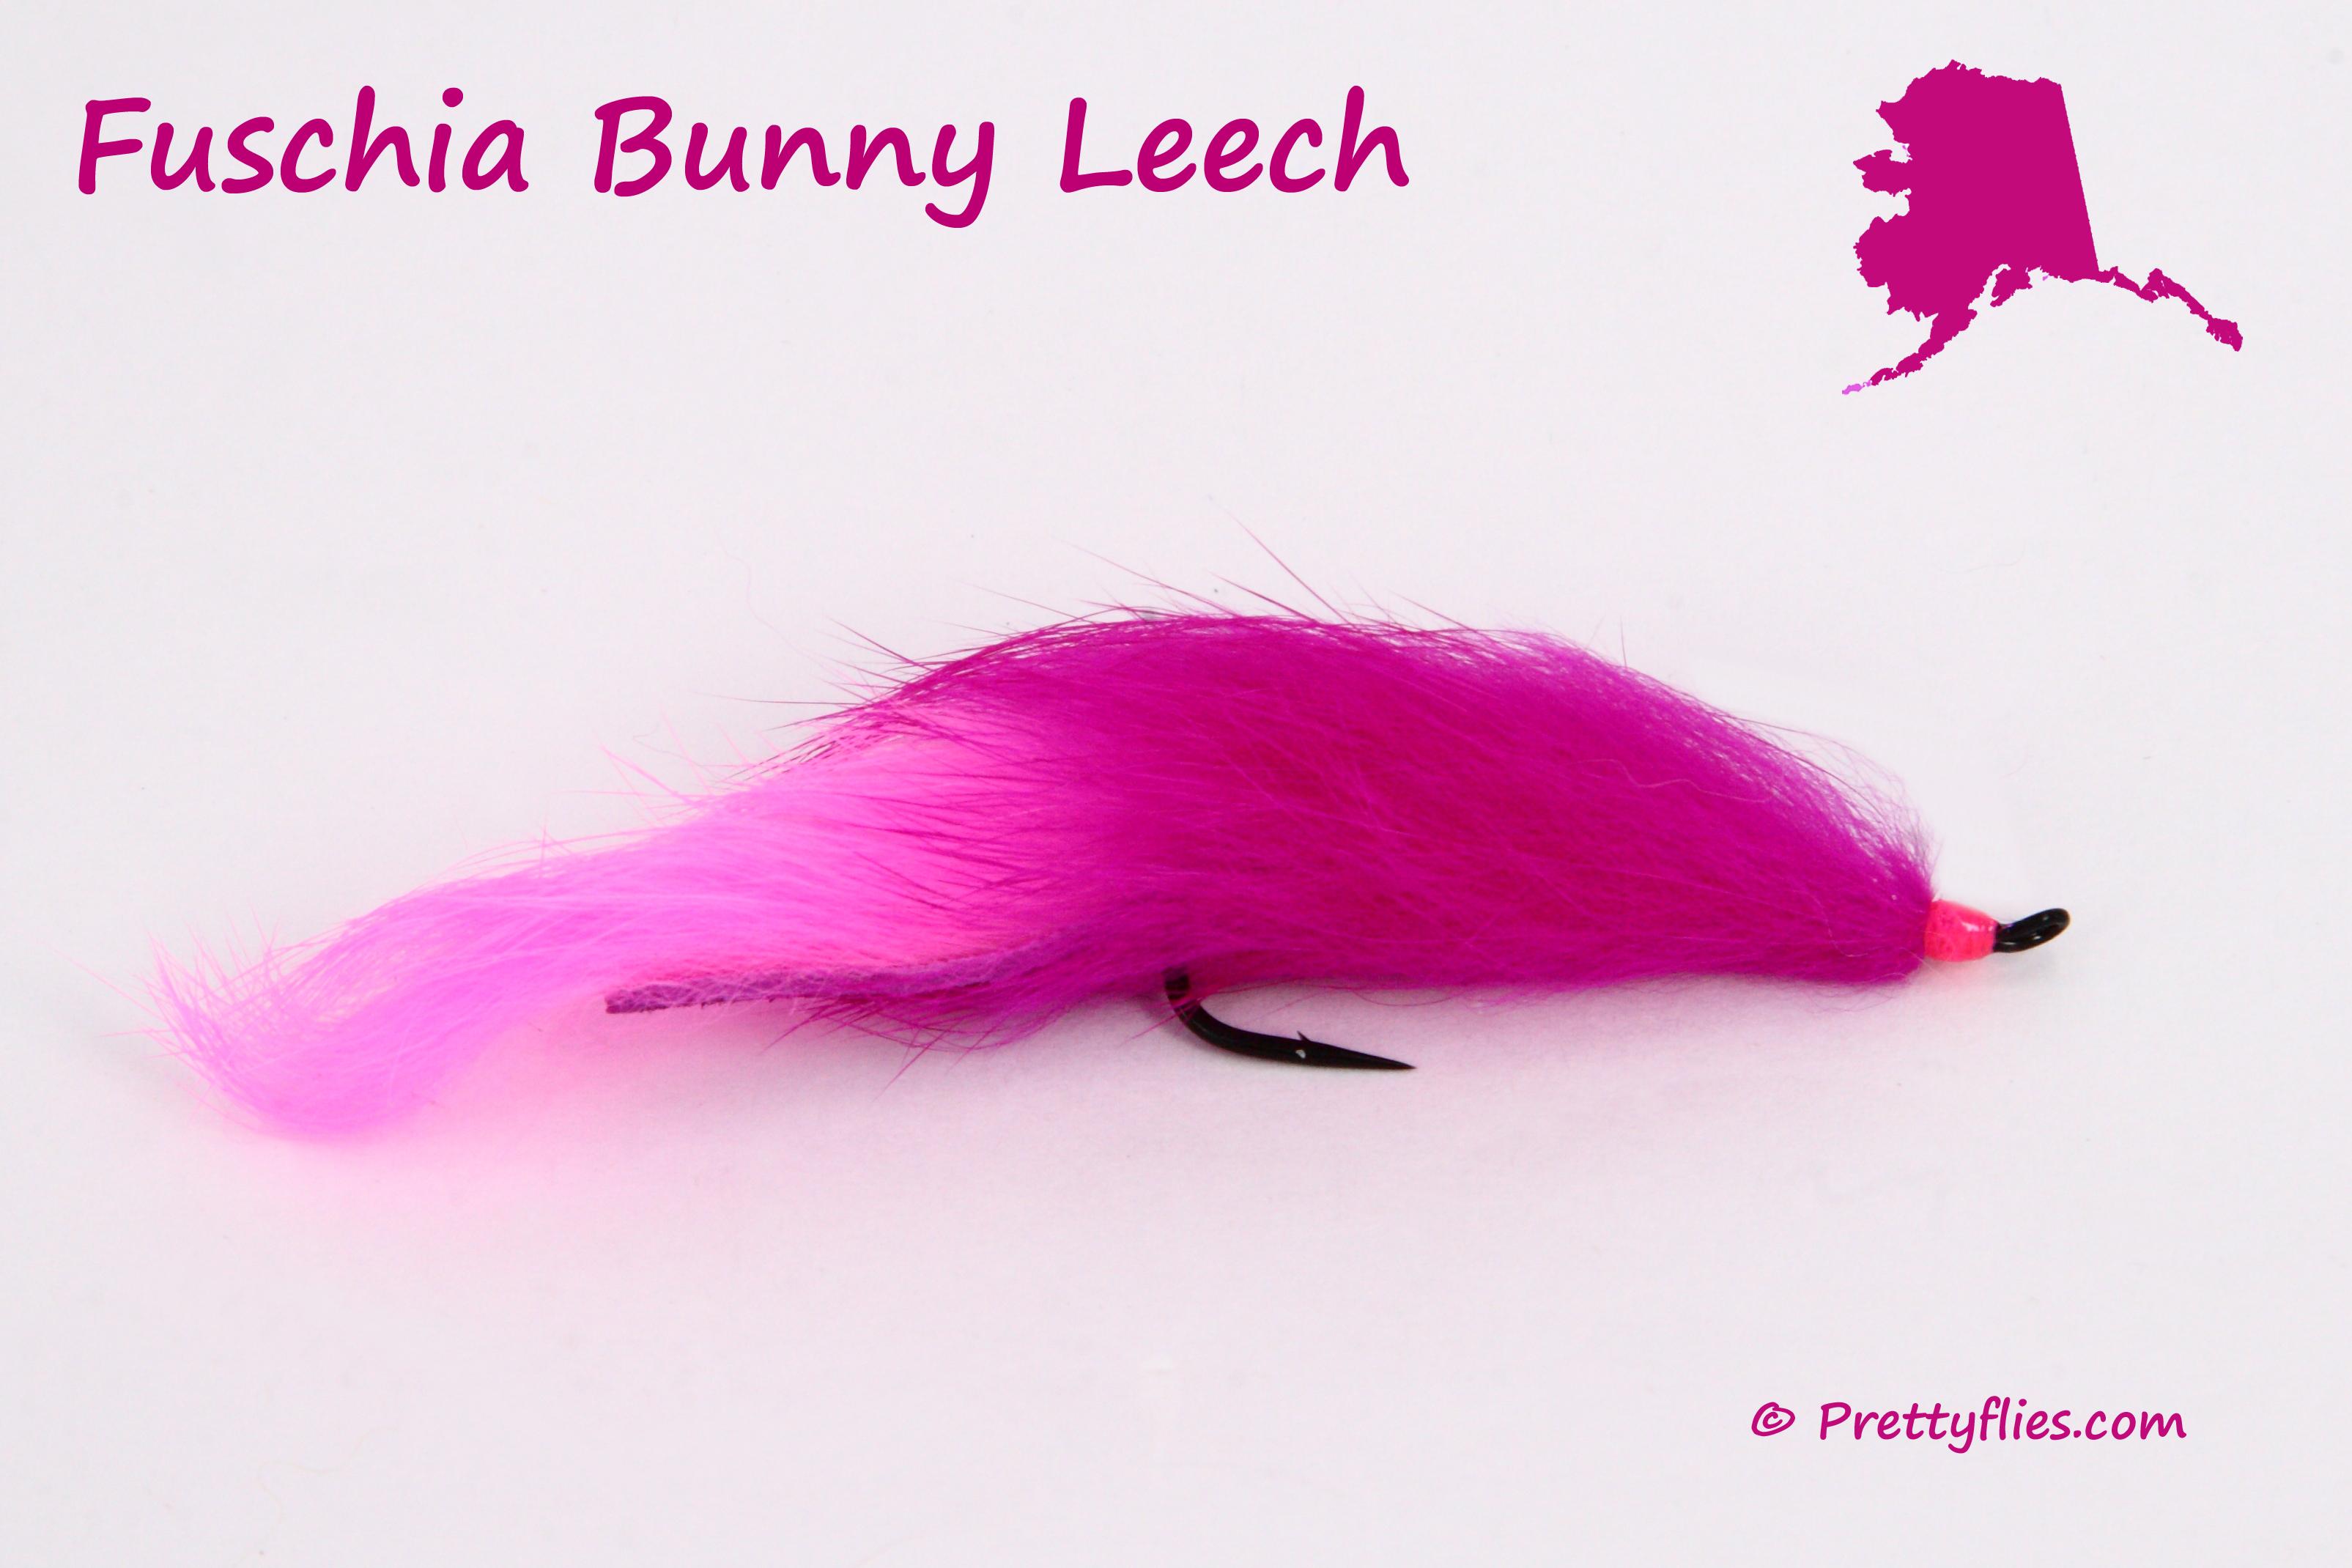 Fuschia Bunny Leech.jpg